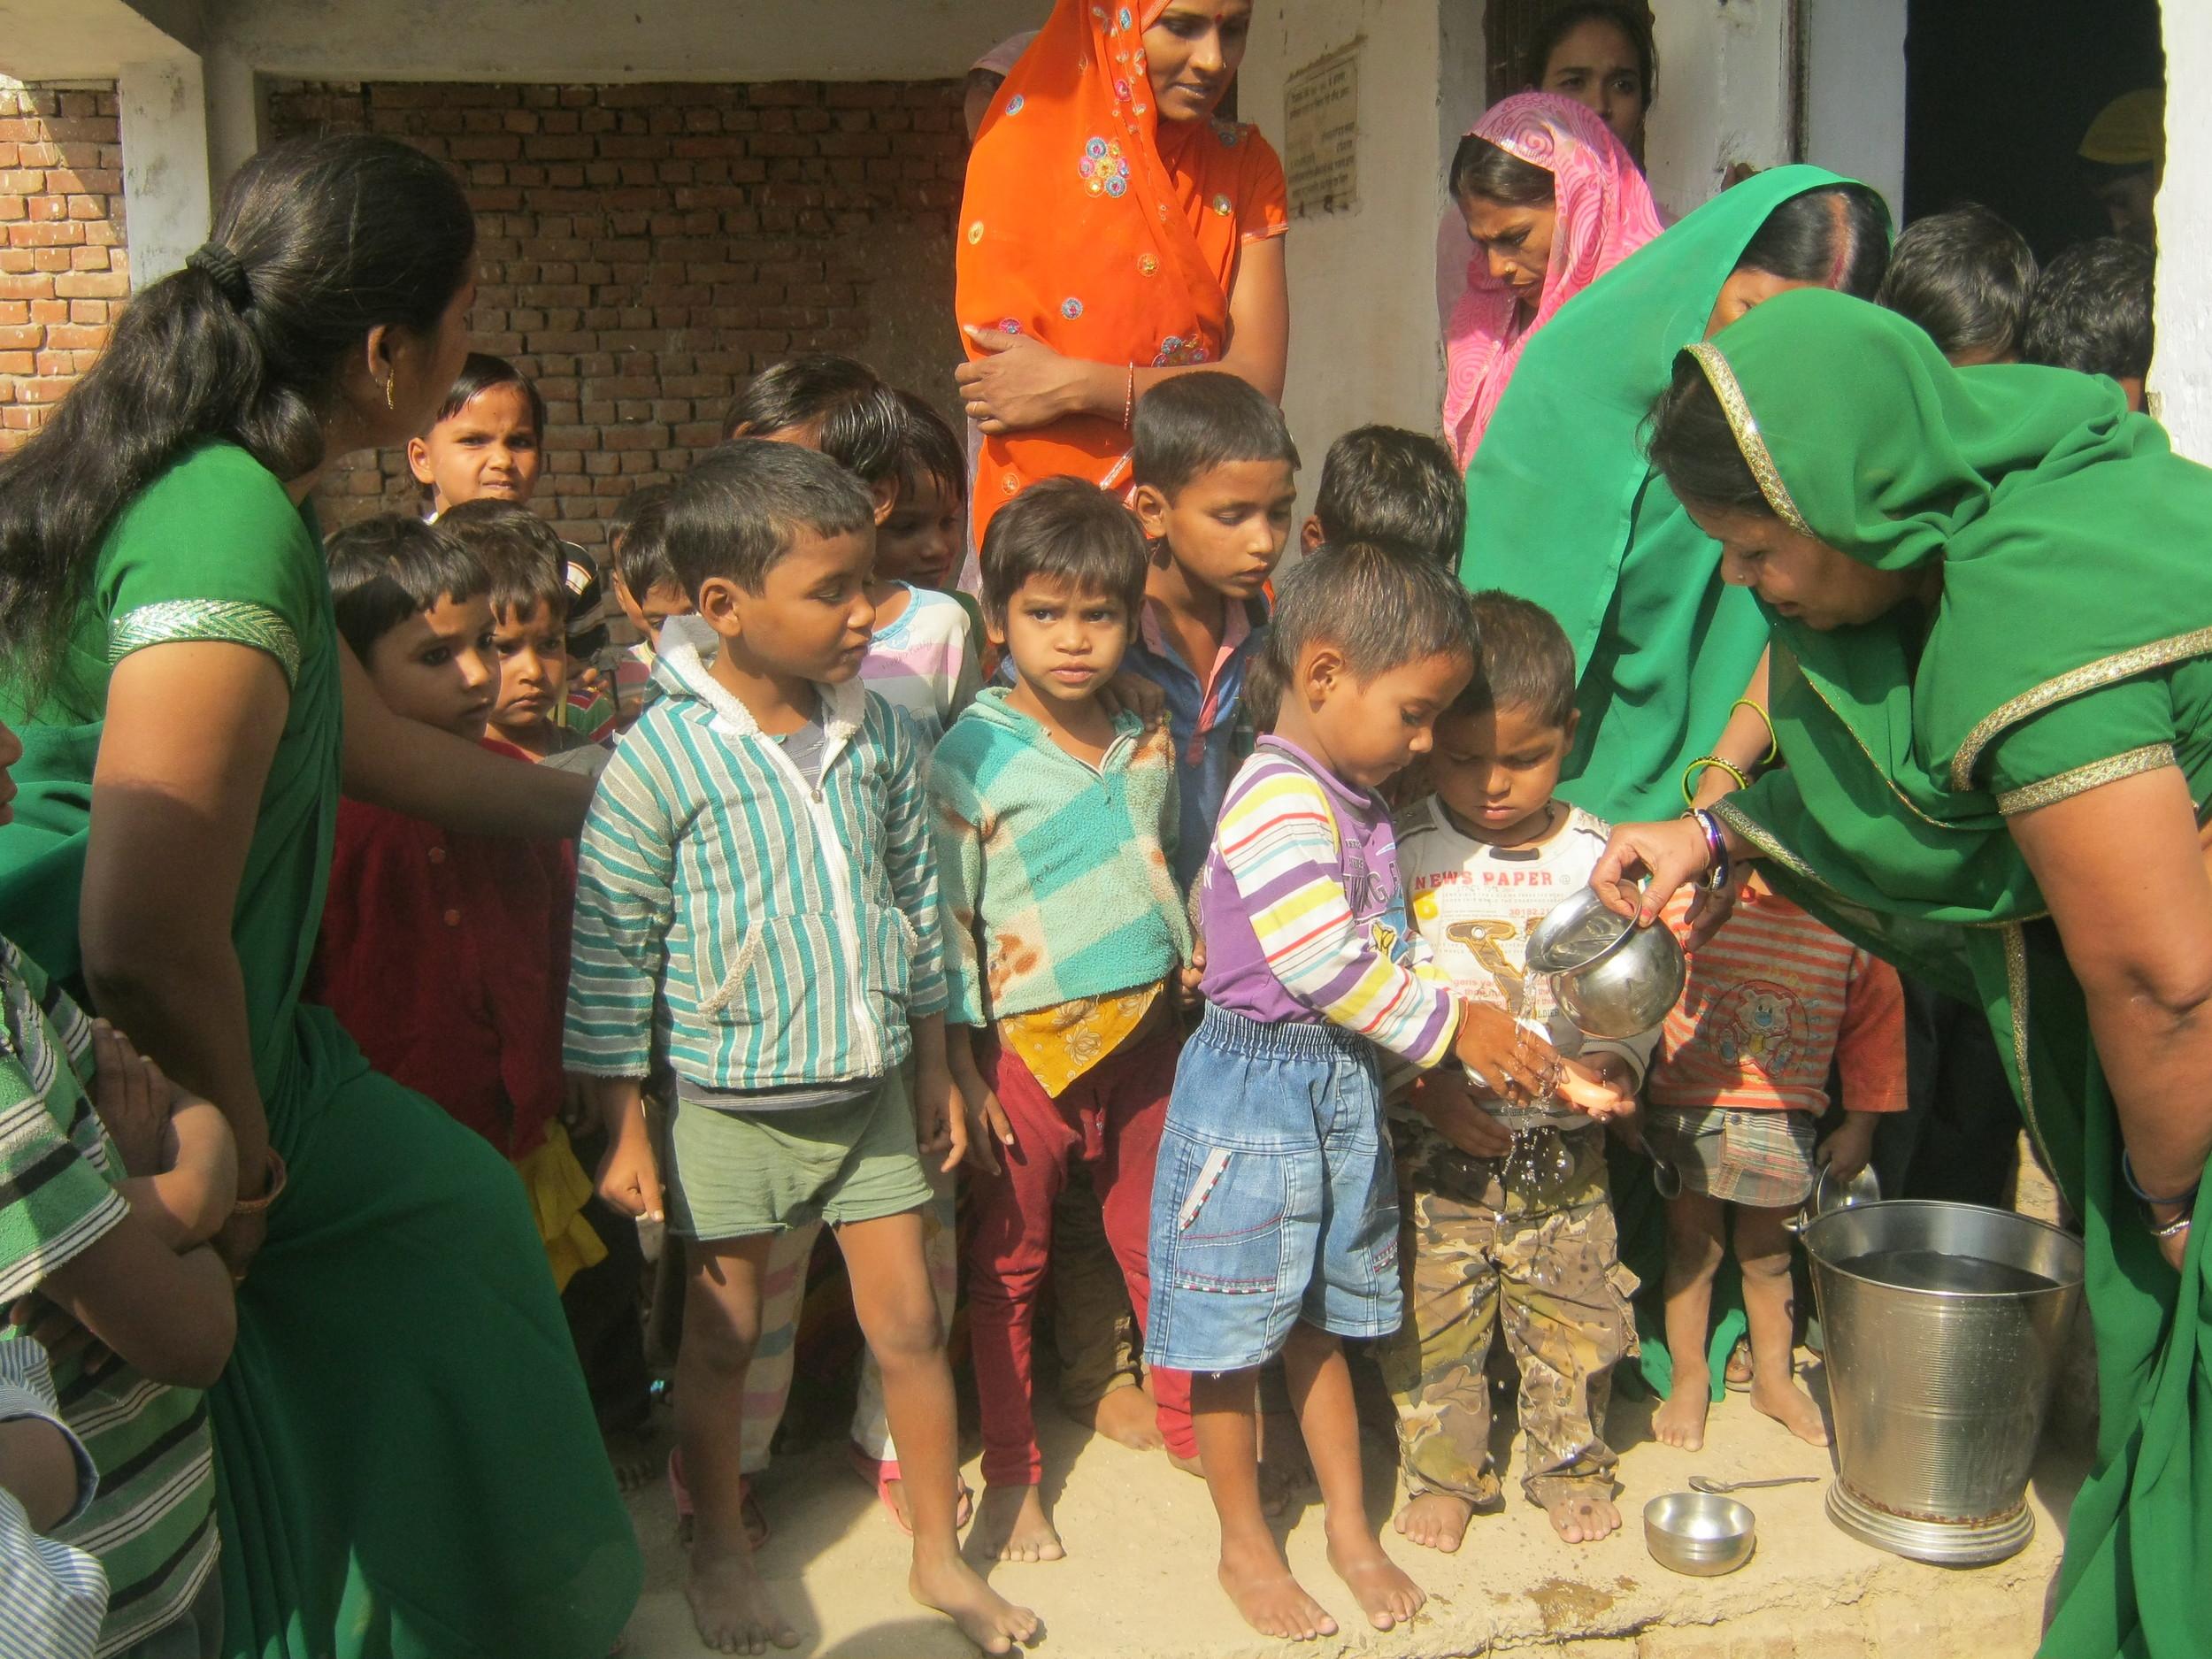 demonstrating handwashing to children